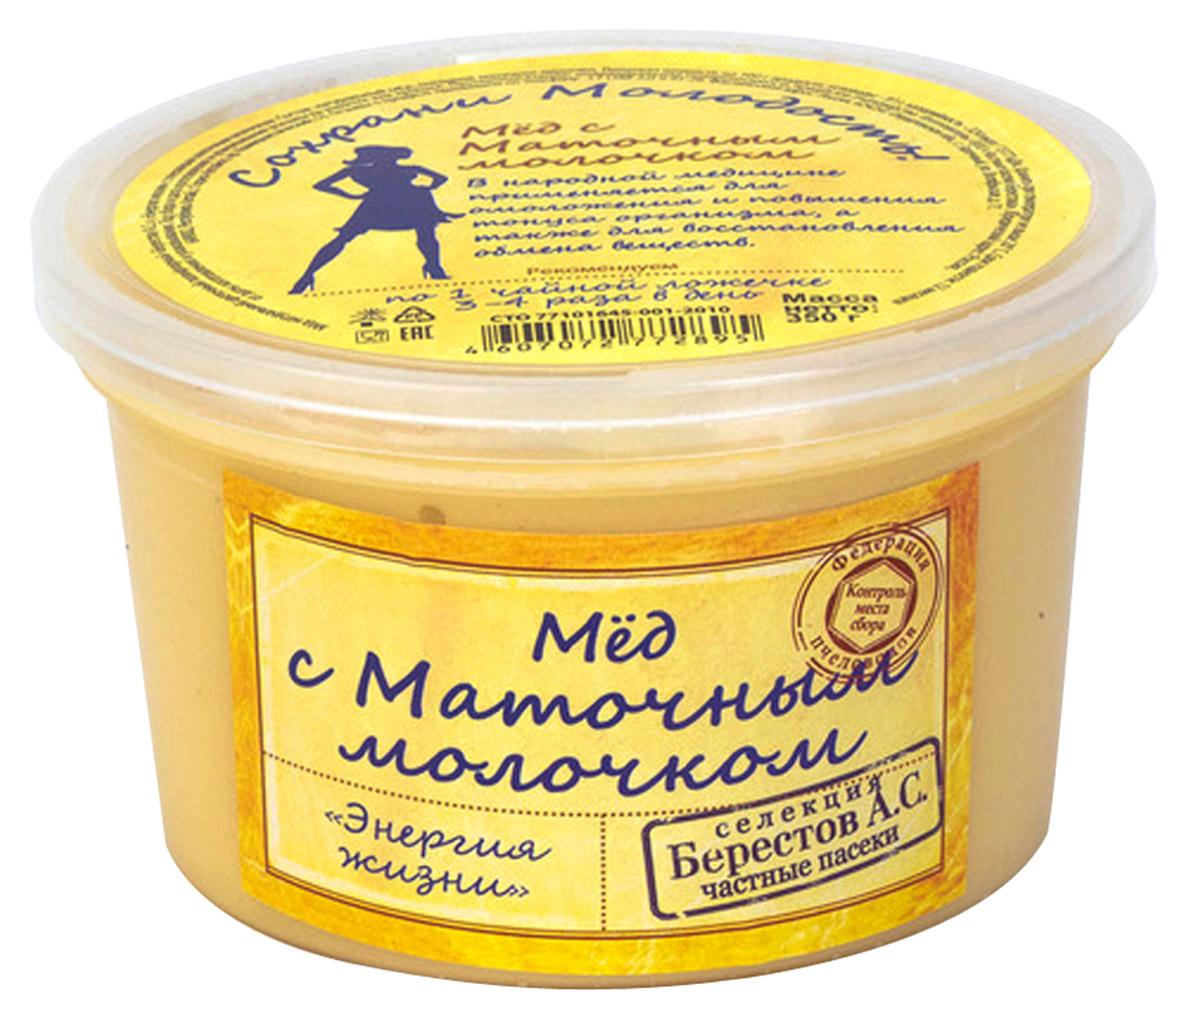 Берестов Мед с маточным молочком, 350 го0000003547Маточное молочко - редкий и дорогой продукт, очень питательный и со сложным полезным для человека химическим составом. Смешанное с мёдом, оно превращается в настоящий источник здоровья.Нежнейший сливочный вкус, и ванильный аромат с медовыми нотками, подарят истинное наслаждение. Тающая консистенция, до последней капли, чарует обволакивающим медовым послевкусием с легкой кислинкой.Лечебные свойства:В маточном молочке содержатся белки, схожие по составу с белками сыворотки крови; углеводы, витамины, свободные жирные кислоты, минеральные соли, микроэлементы, жизненно необходимые витамины A, D, B1, B2, B3, B6, B12, B15, H, E, PP и янтарную кислоту. Маточное молочко обладает бактериостатическим и бактерицидным свойствами, вызывает бодрость, повышает жизненный тонус, нормализует обменные процессы, улучшает зрение, память и омолаживает организм в целом.Сезонная коллекция меда Берестов. Мед контролируемого места происхождения. В состав линейки включается расширенный ассортимент, в том числе редких сортов. Коллекция Мед с частных пасек получила свое распространение на сезонных фестивалях и ярмарках.В коллекции представлена широкая гамма медов с частных пасек Алтайского края, Башкортостана, Хабаровского края, Краснодарского края, Украины, Киргизии, Средней полосы России. Редкие сорта меда представляются только на фестивалях и ярмарках ввиду того что собираемых пчеловодами объемов недостаточно для продажи их в течение всего года. Упаковка меда ведется холодным методом сохраняющим 100% биологических свойств продукта. Упаковка производится на Берестовской фабрике натуральных продуктов сертифицированной по стандарту менеджмента качества ISO.